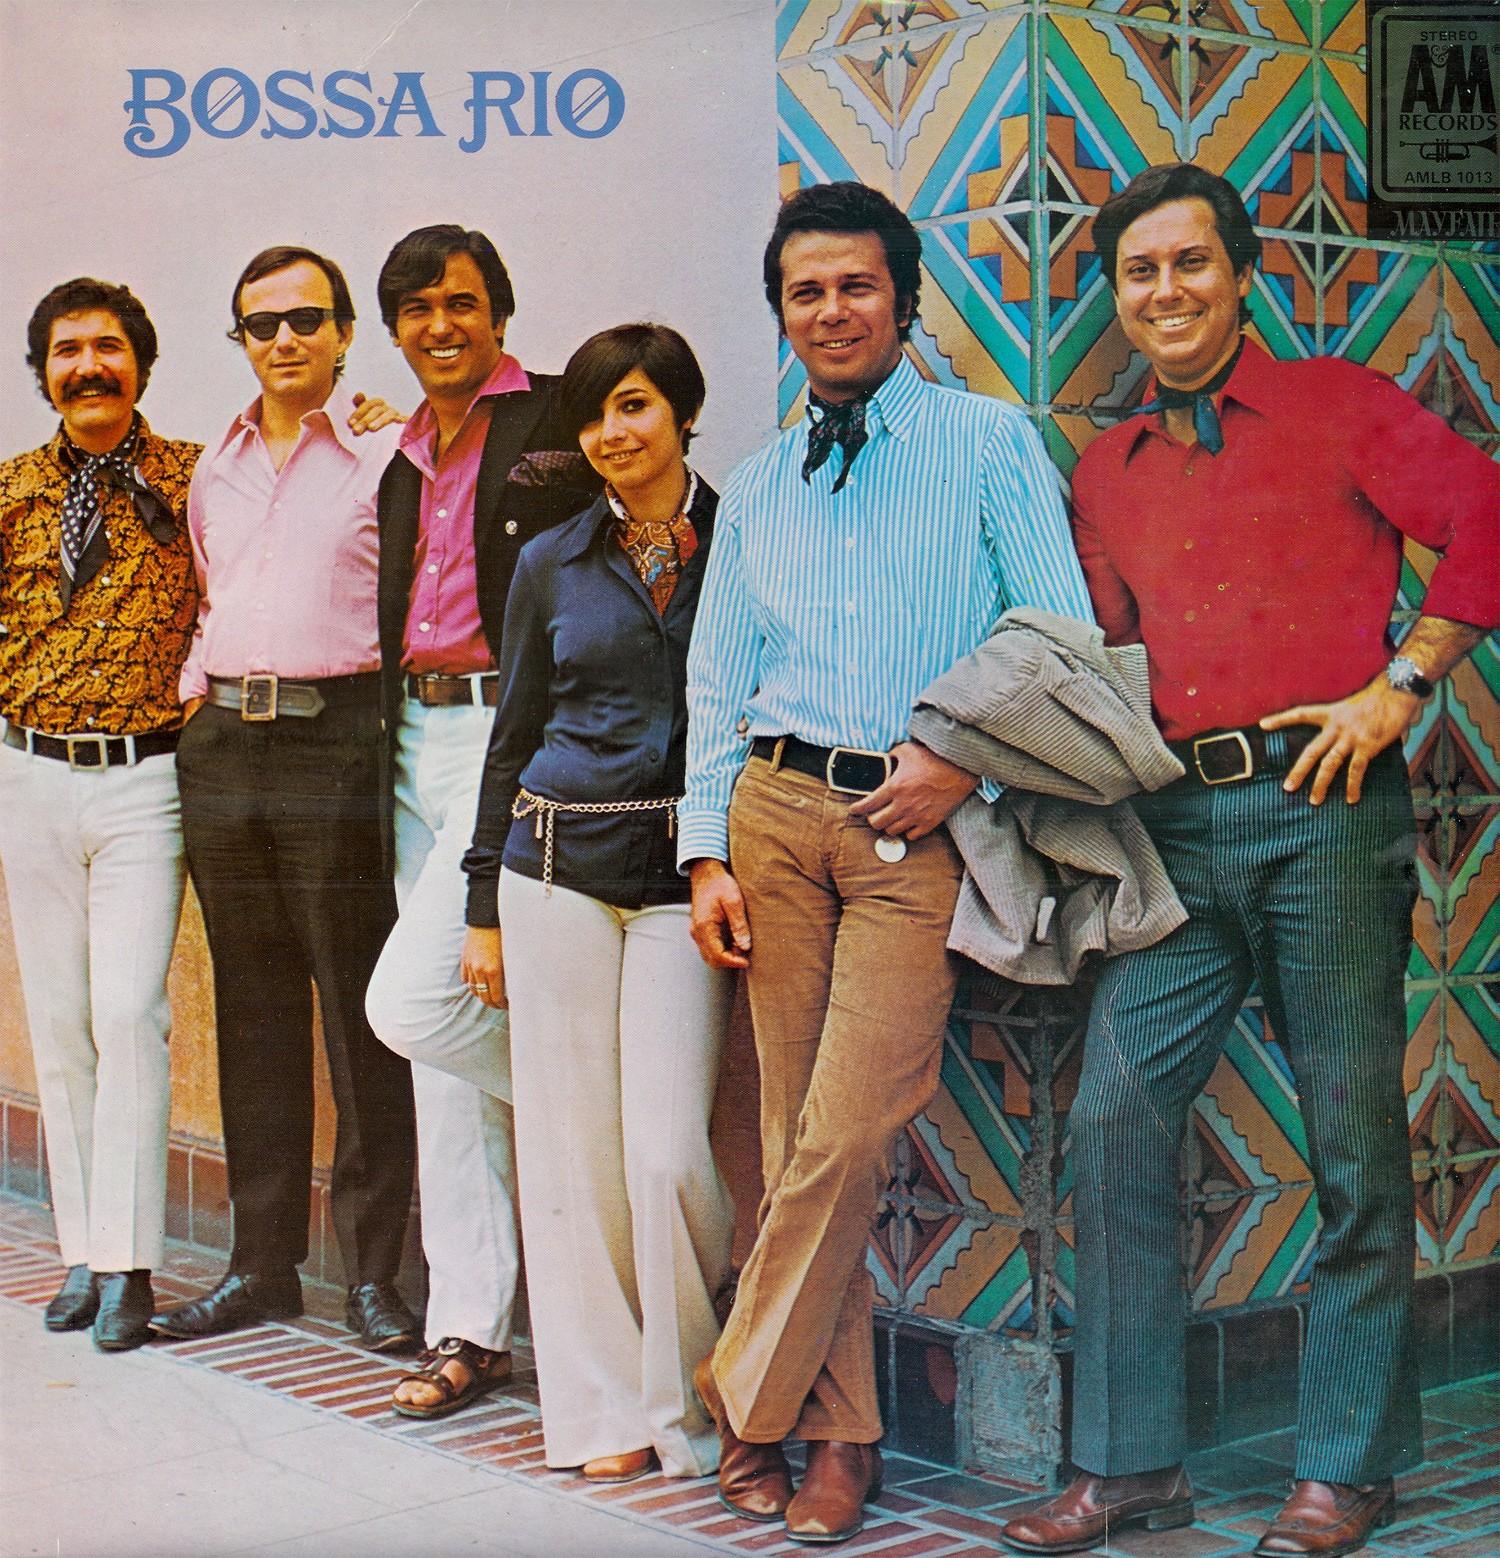 Bossa Rio Bossa Rio